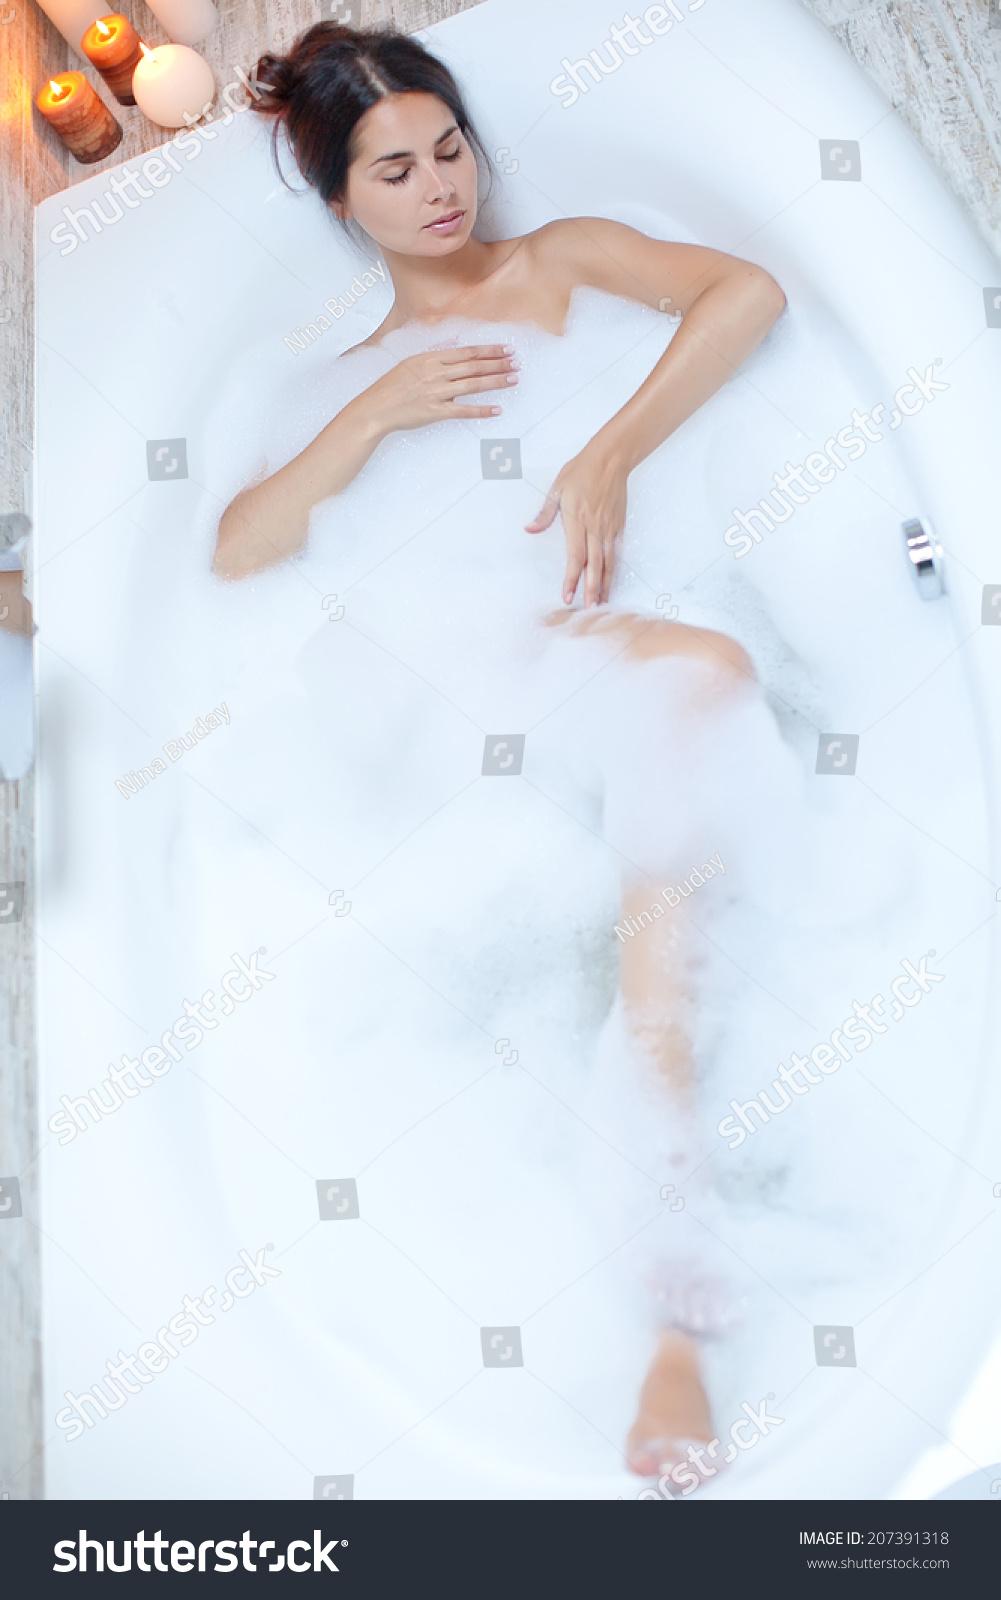 Beautiful Woman Bubble Bath Stock Photo (Royalty Free) 207391318 ...